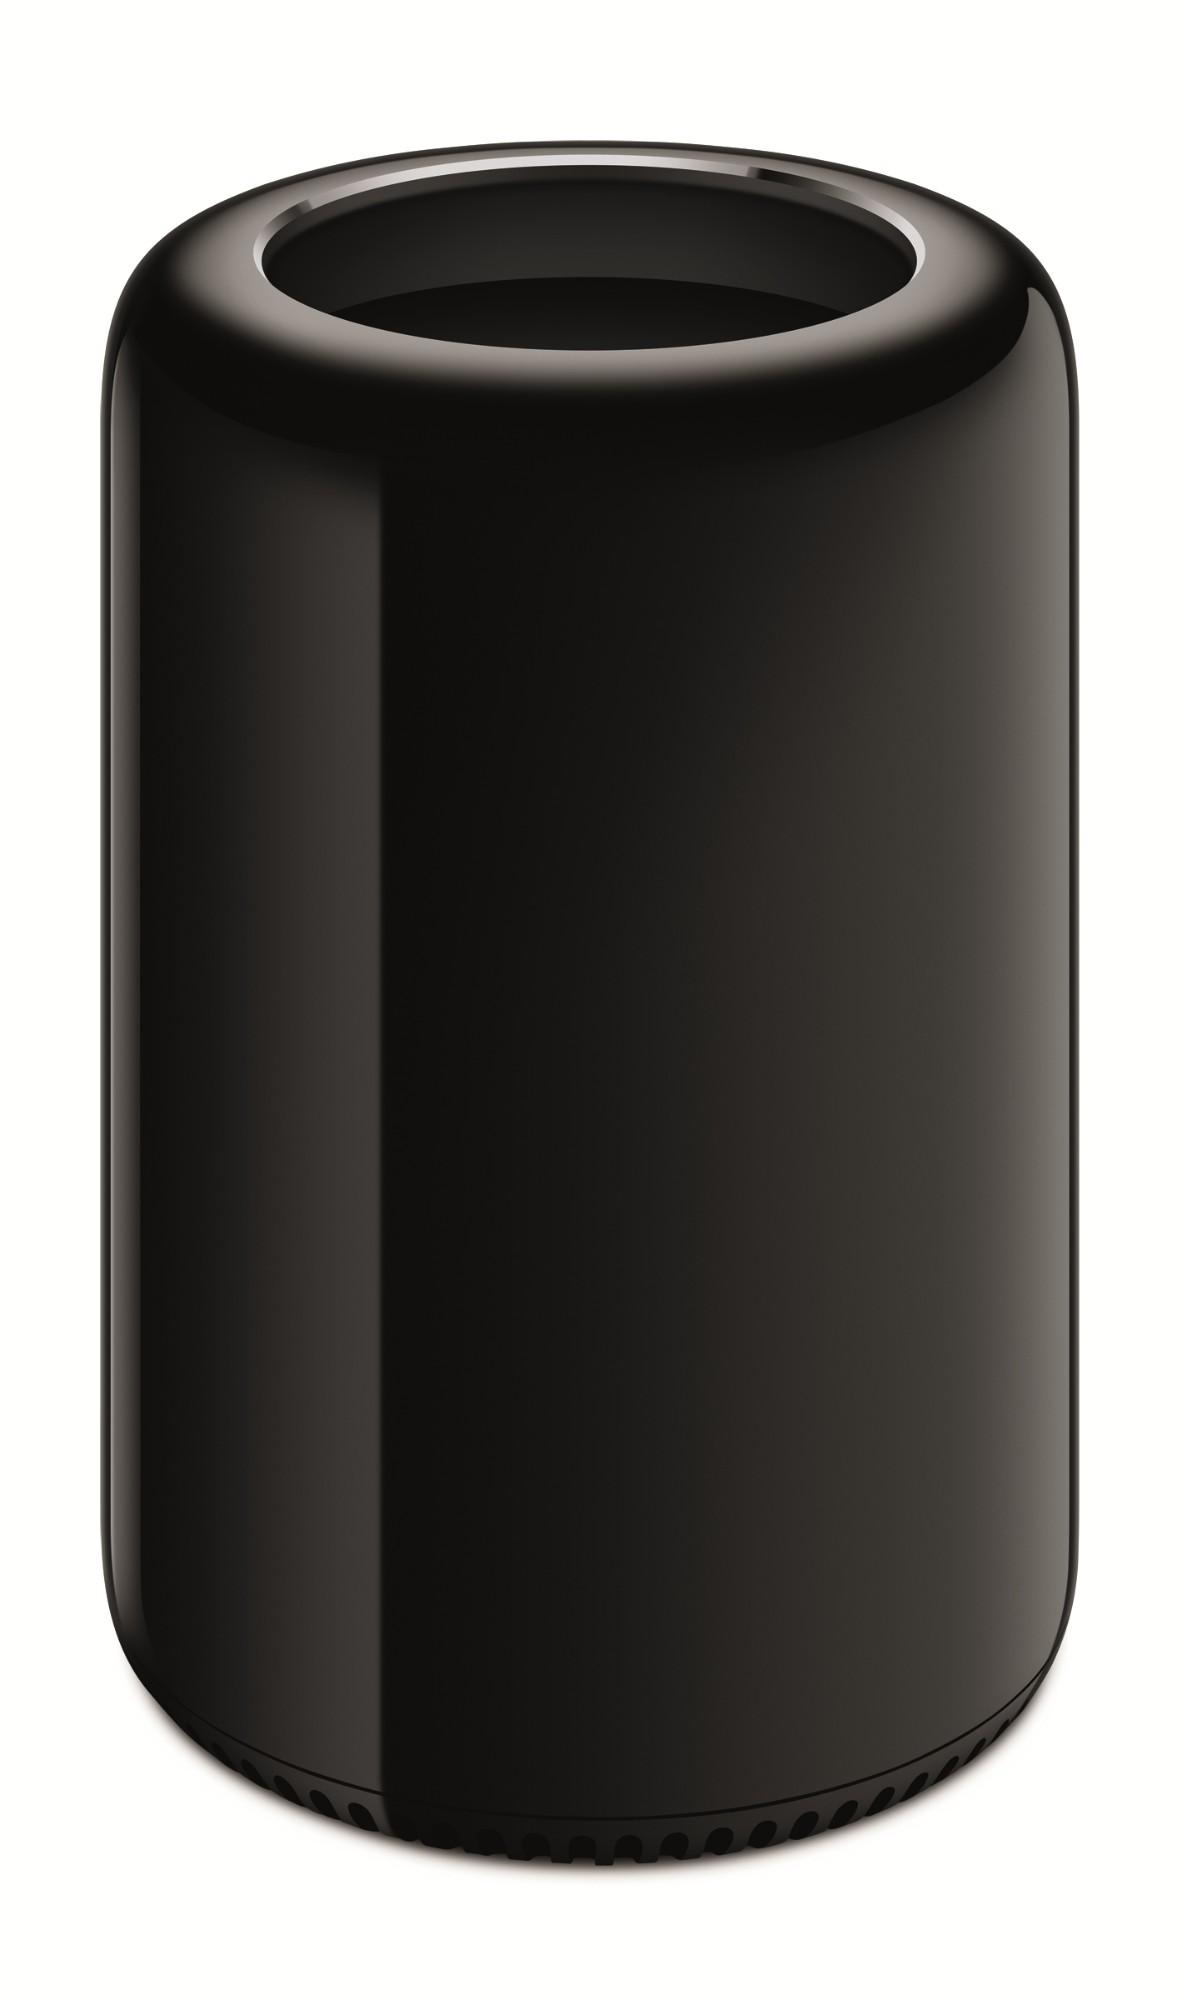 Apple Mac Pro 3.5GHz E5-1650V2 Desktop Black Workstation